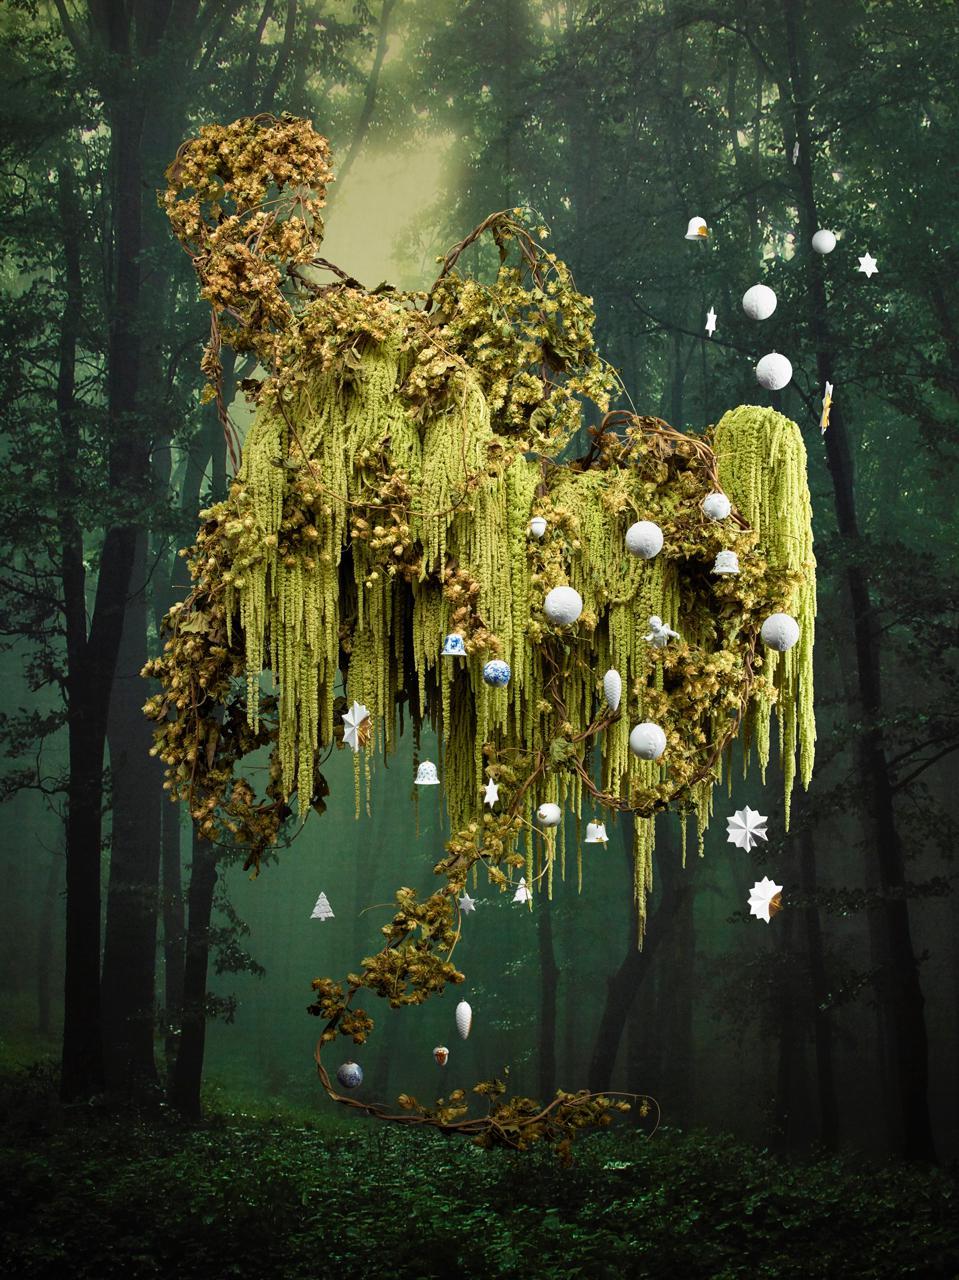 weihnachtsdeko-profitipps-decohome.de-meissen_weinnachtsschoot_08-15-19__05_tree_decoration_383_ret